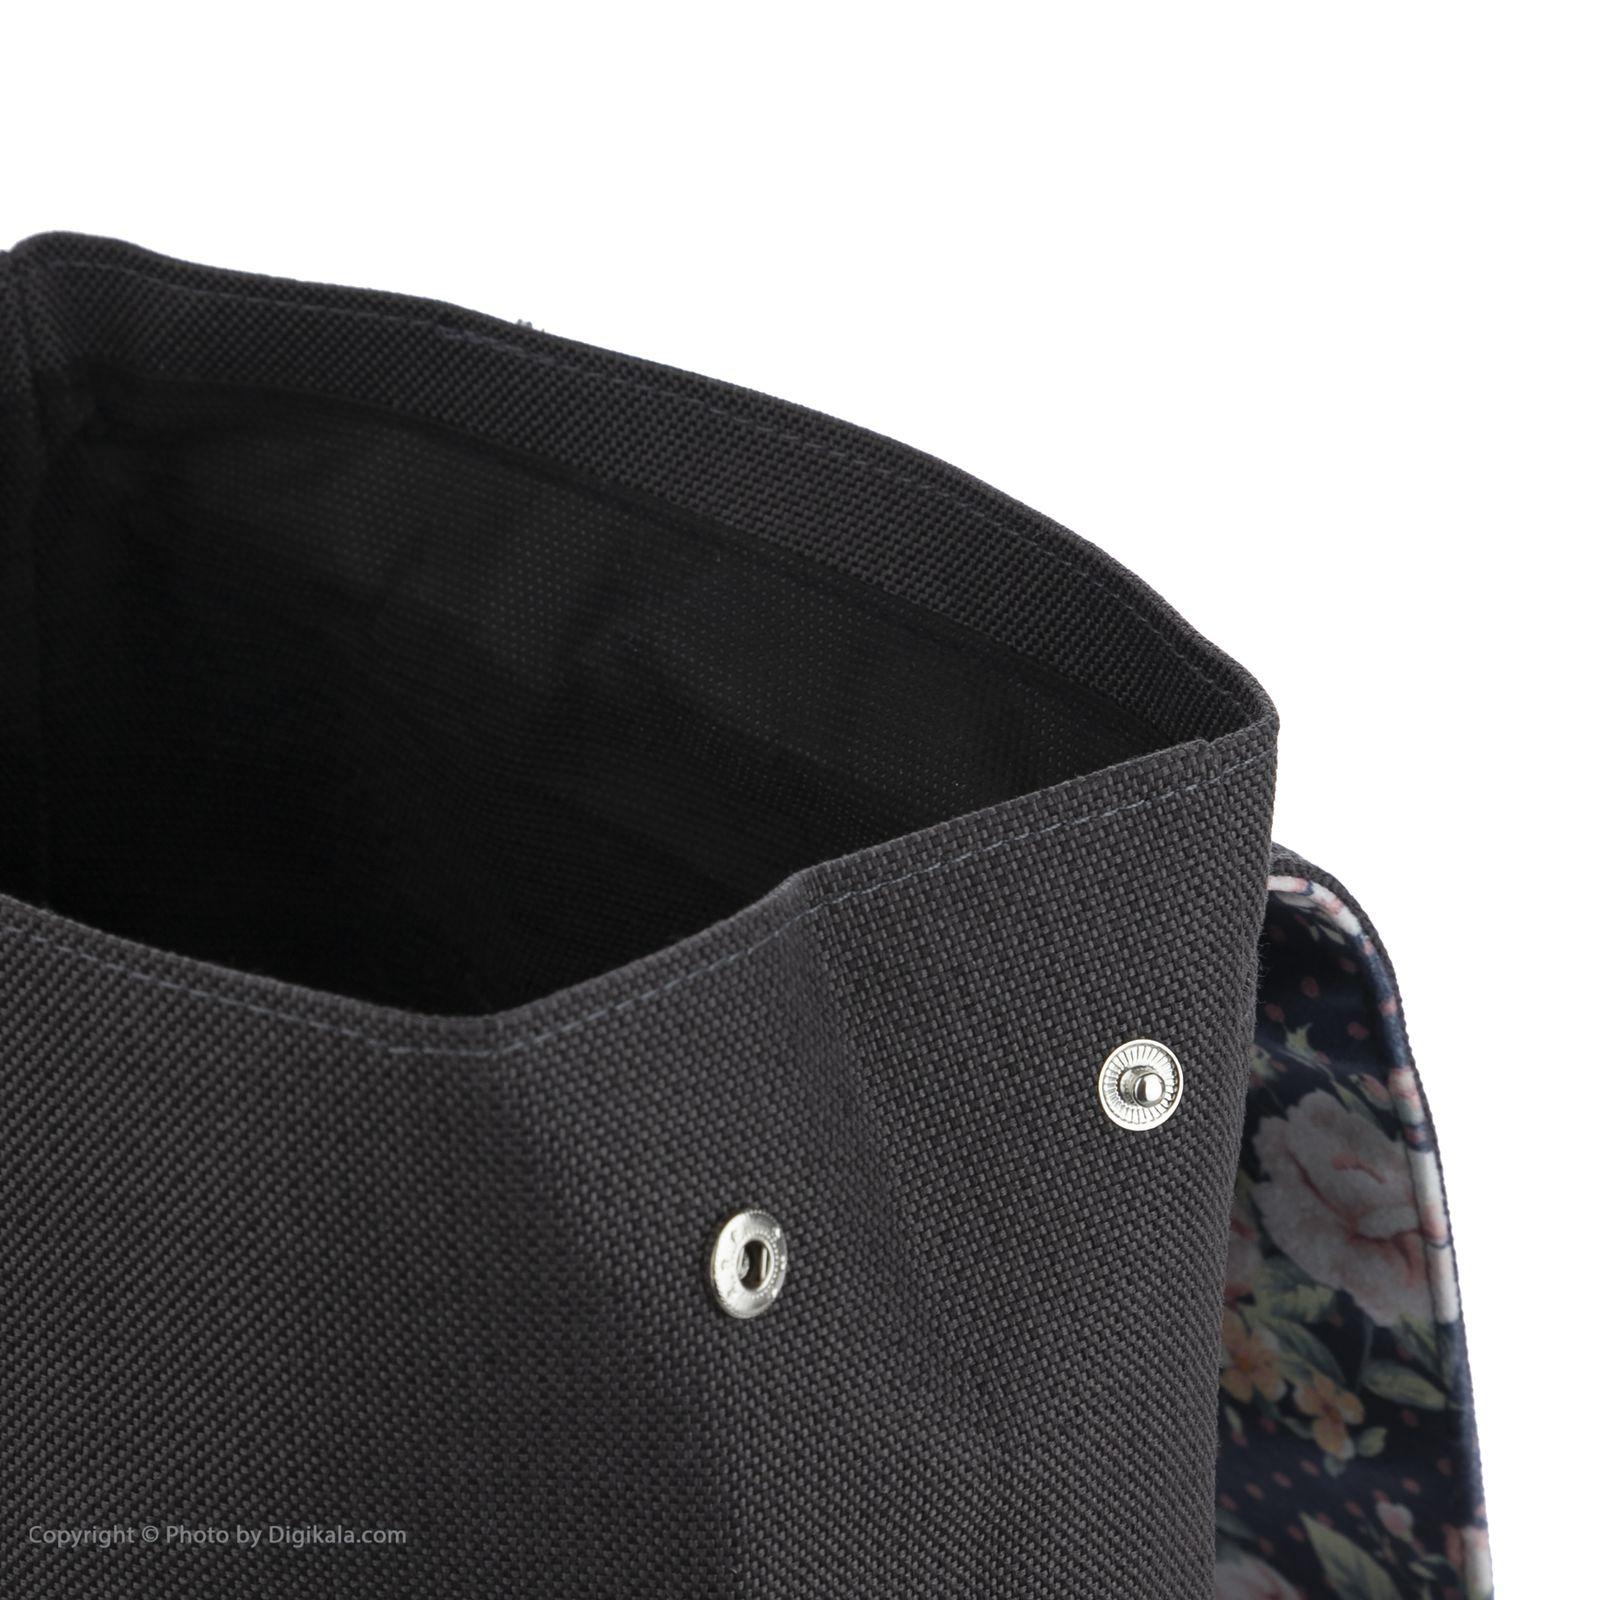 کوله پشتی زنانه میو مدل MBPM109 -  - 4